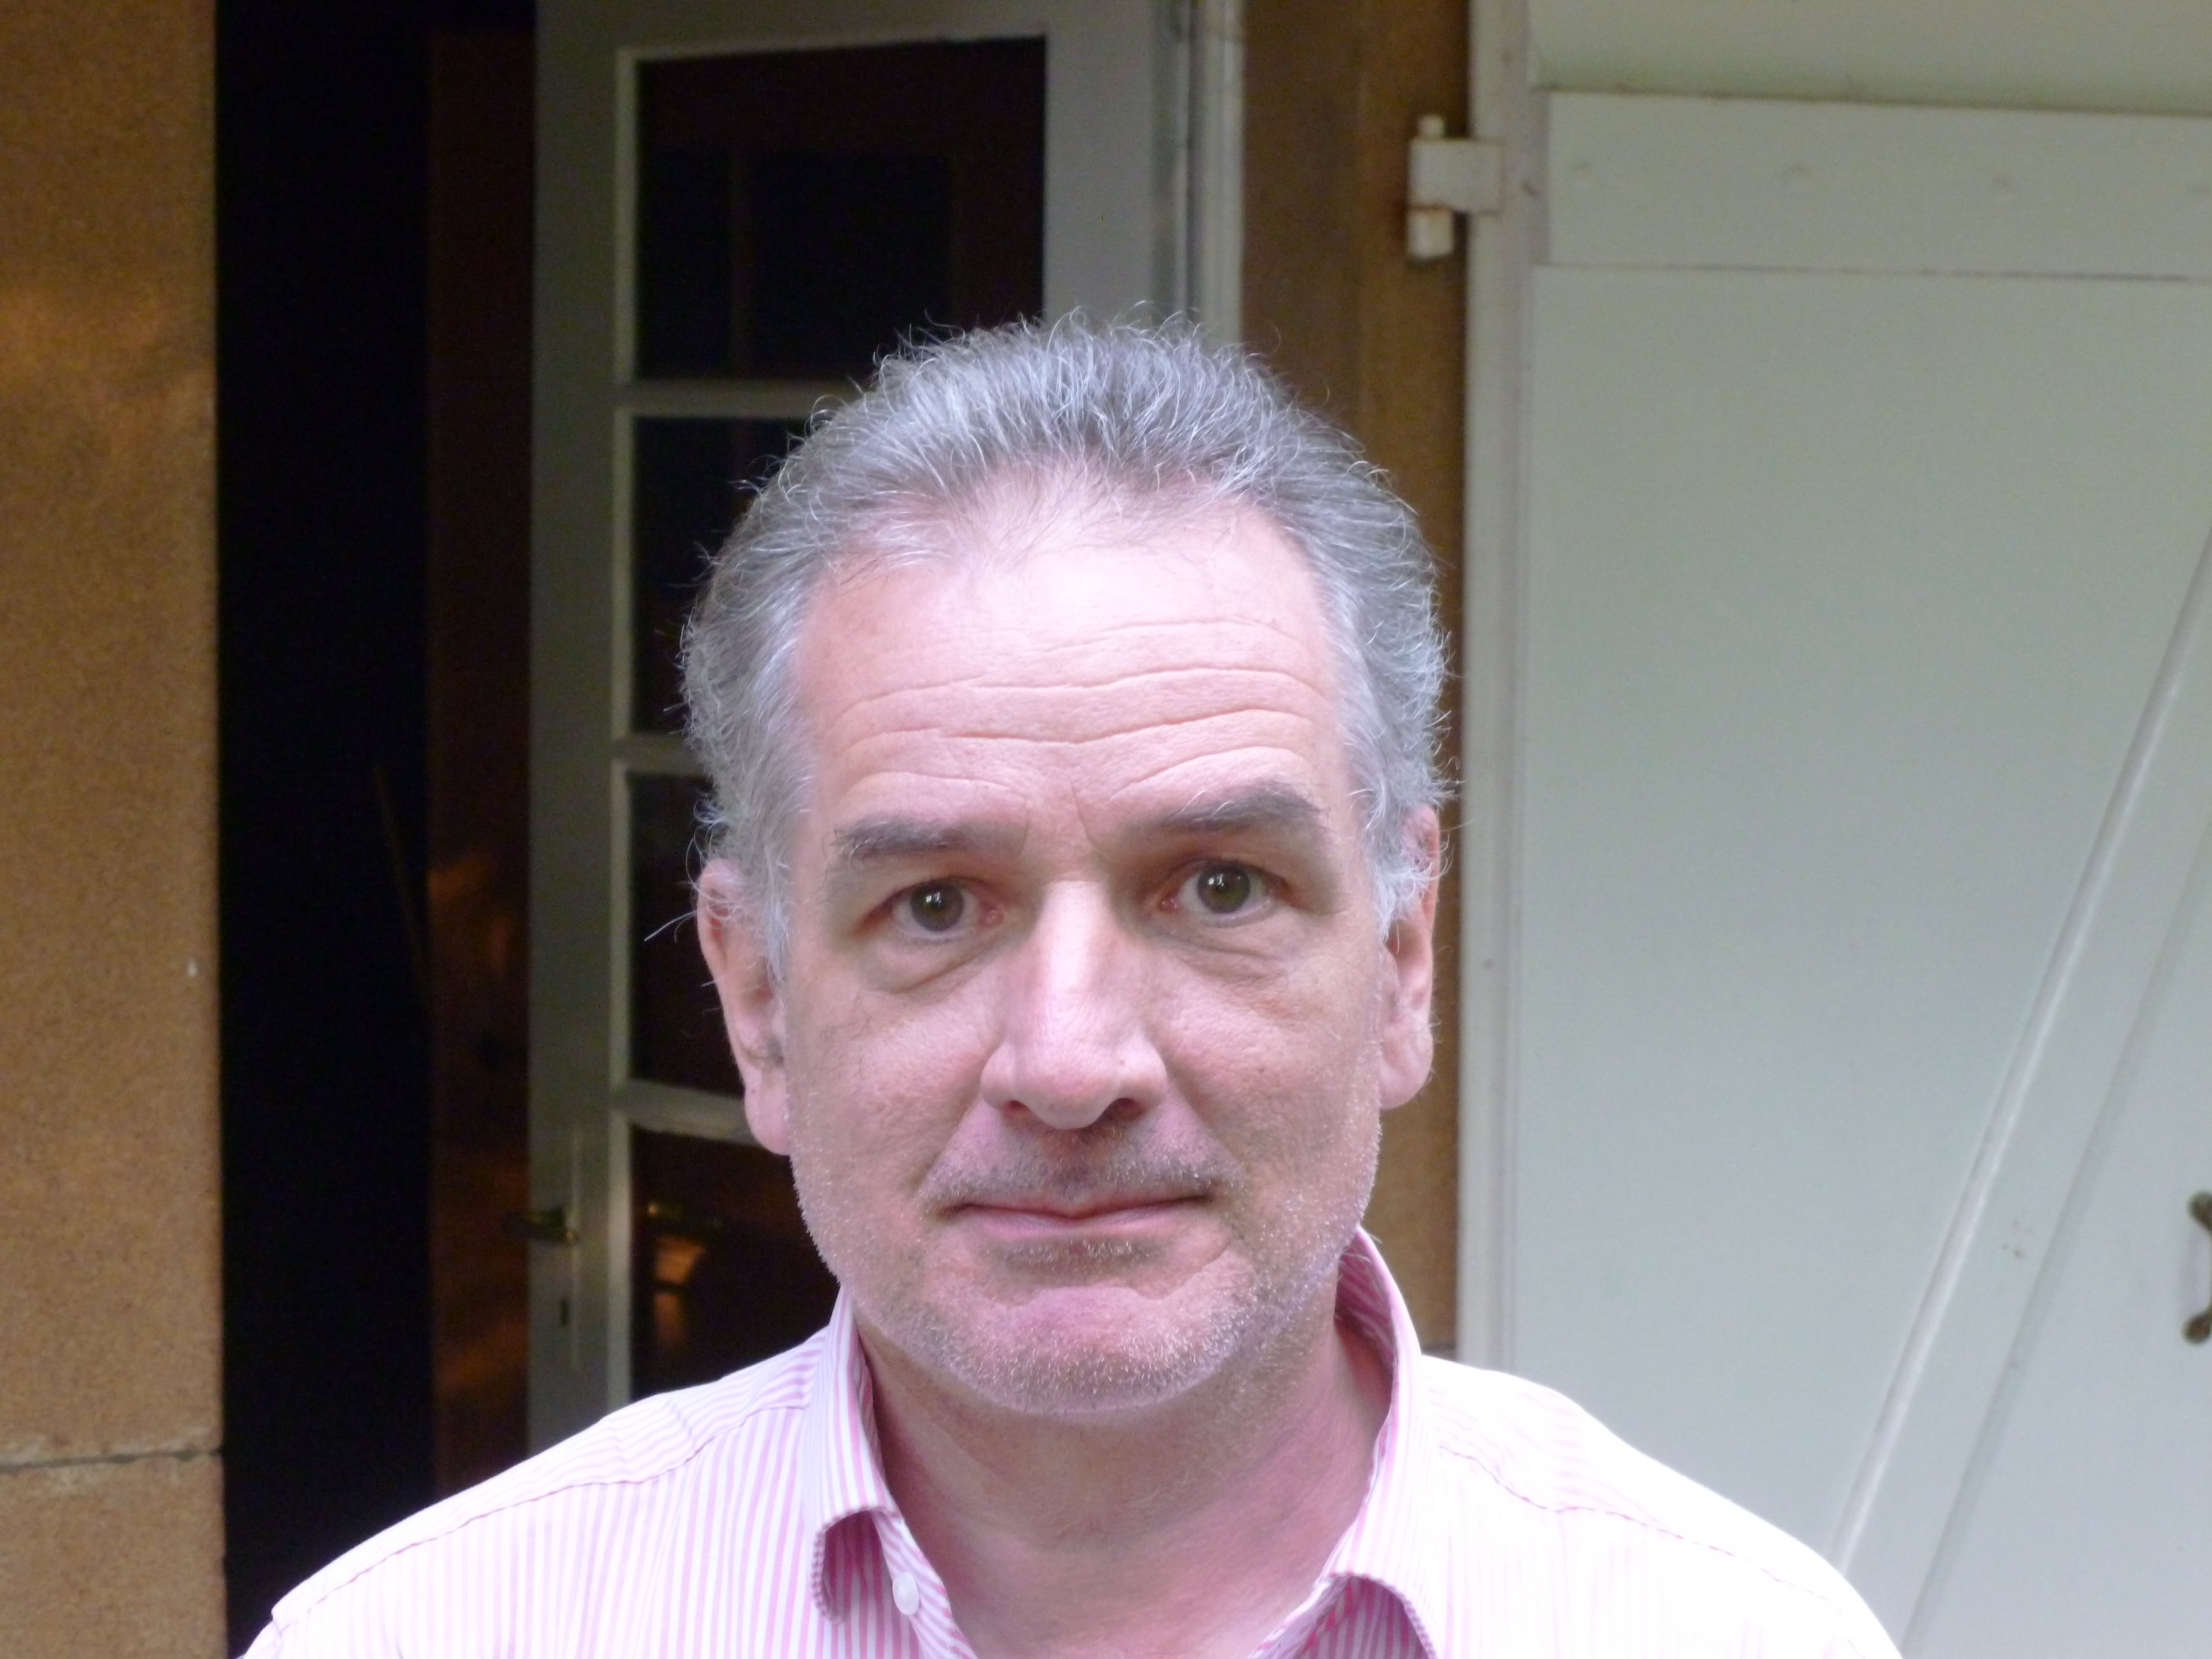 Jean-Simon Kiener